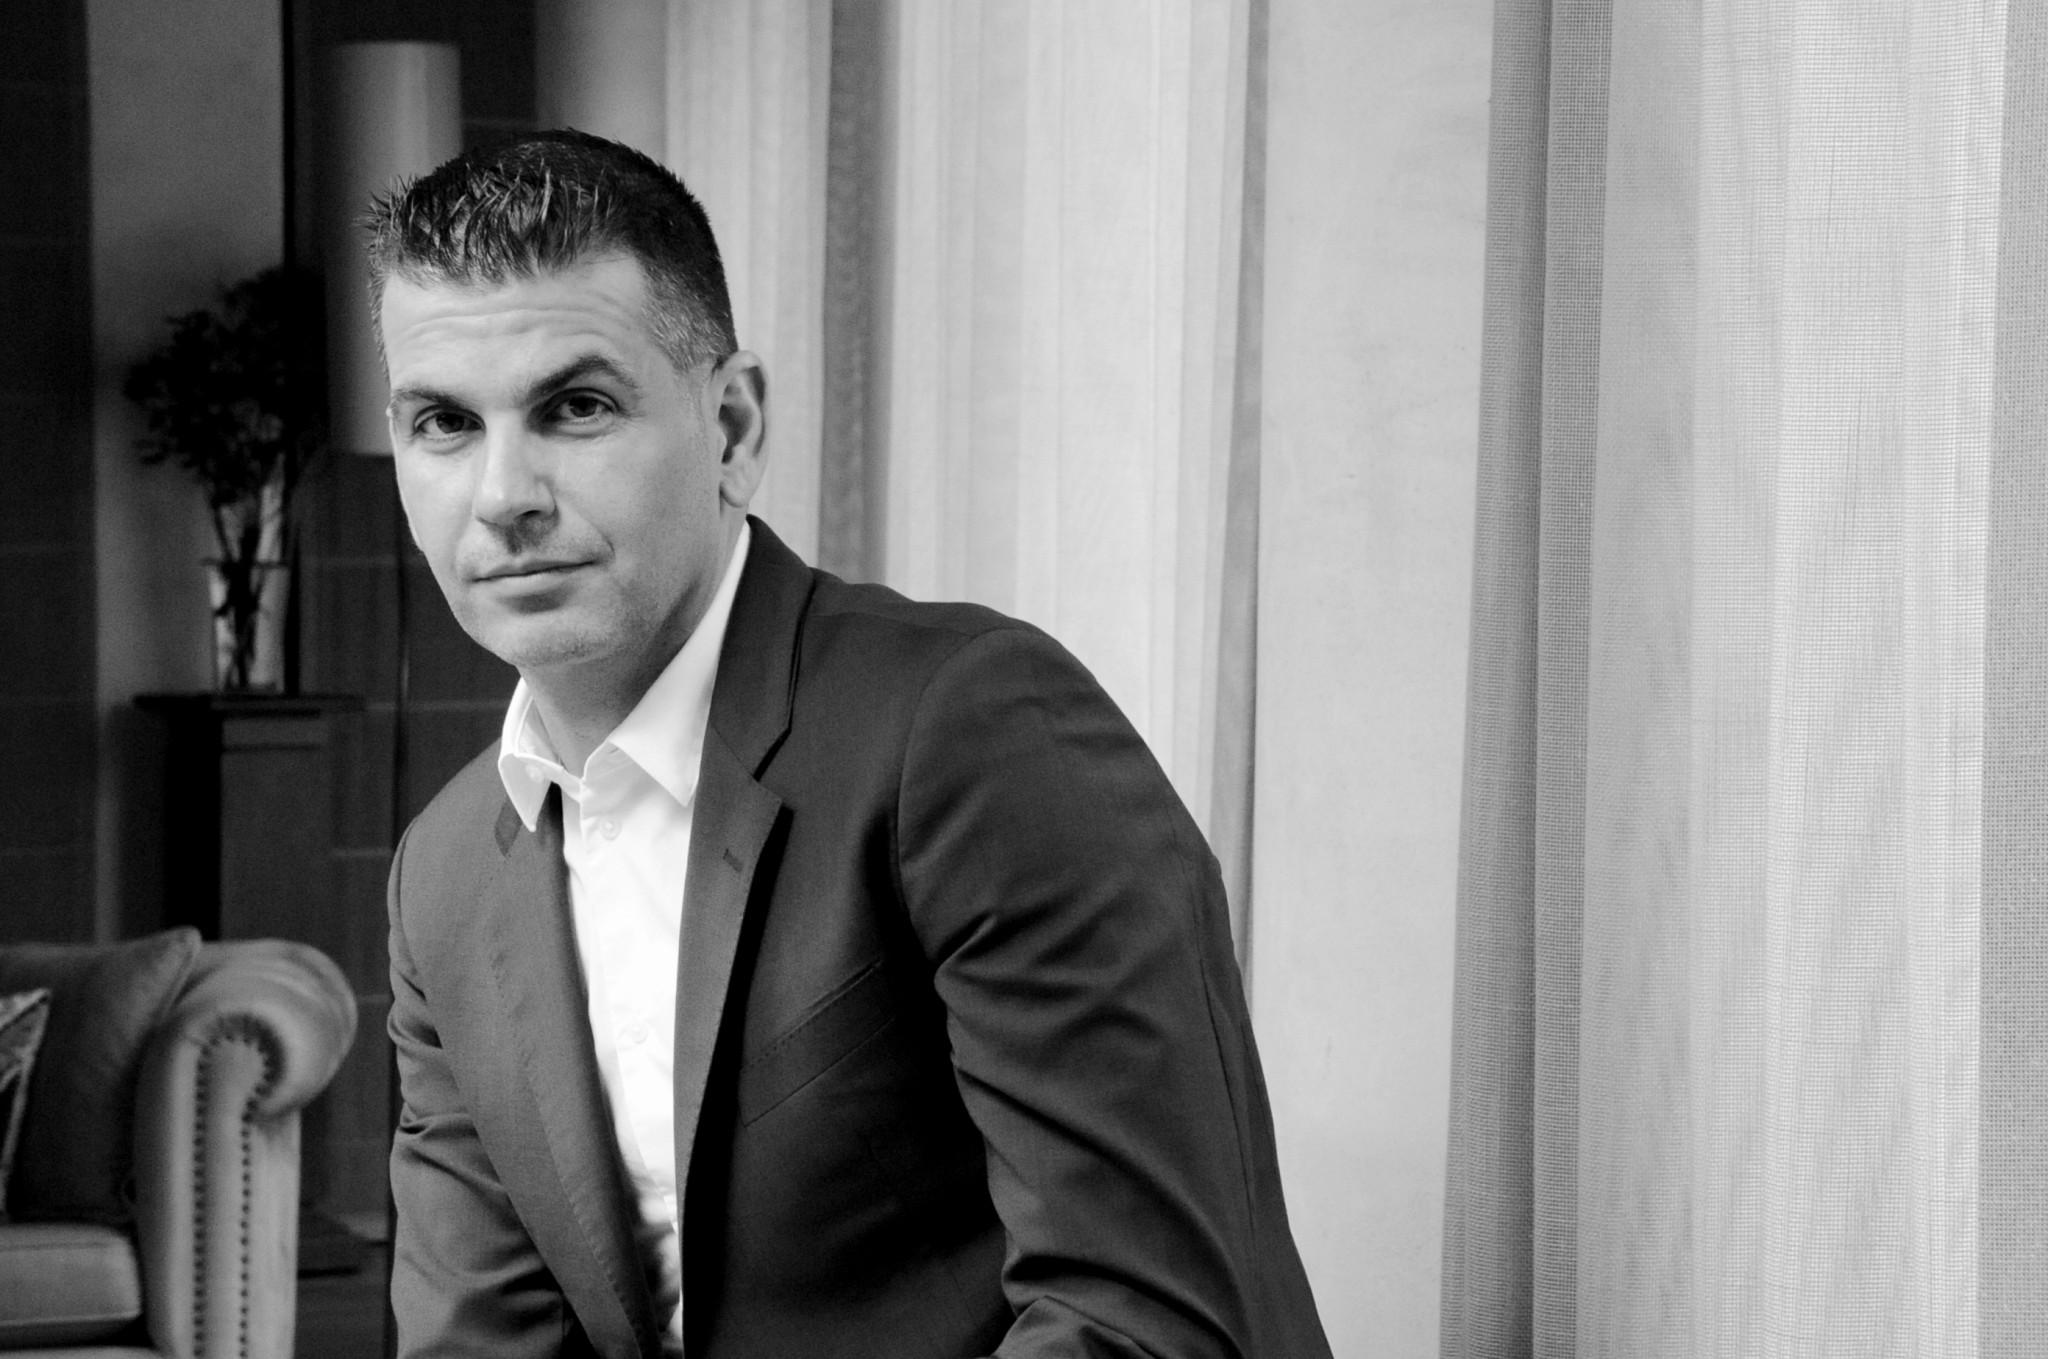 """Τάσος Τουρνάς - Πρώτα εμείς πρέπει να δούμε το """"σπίτι"""" μας να είναι καθαρό και όχι οι ξένοι"""